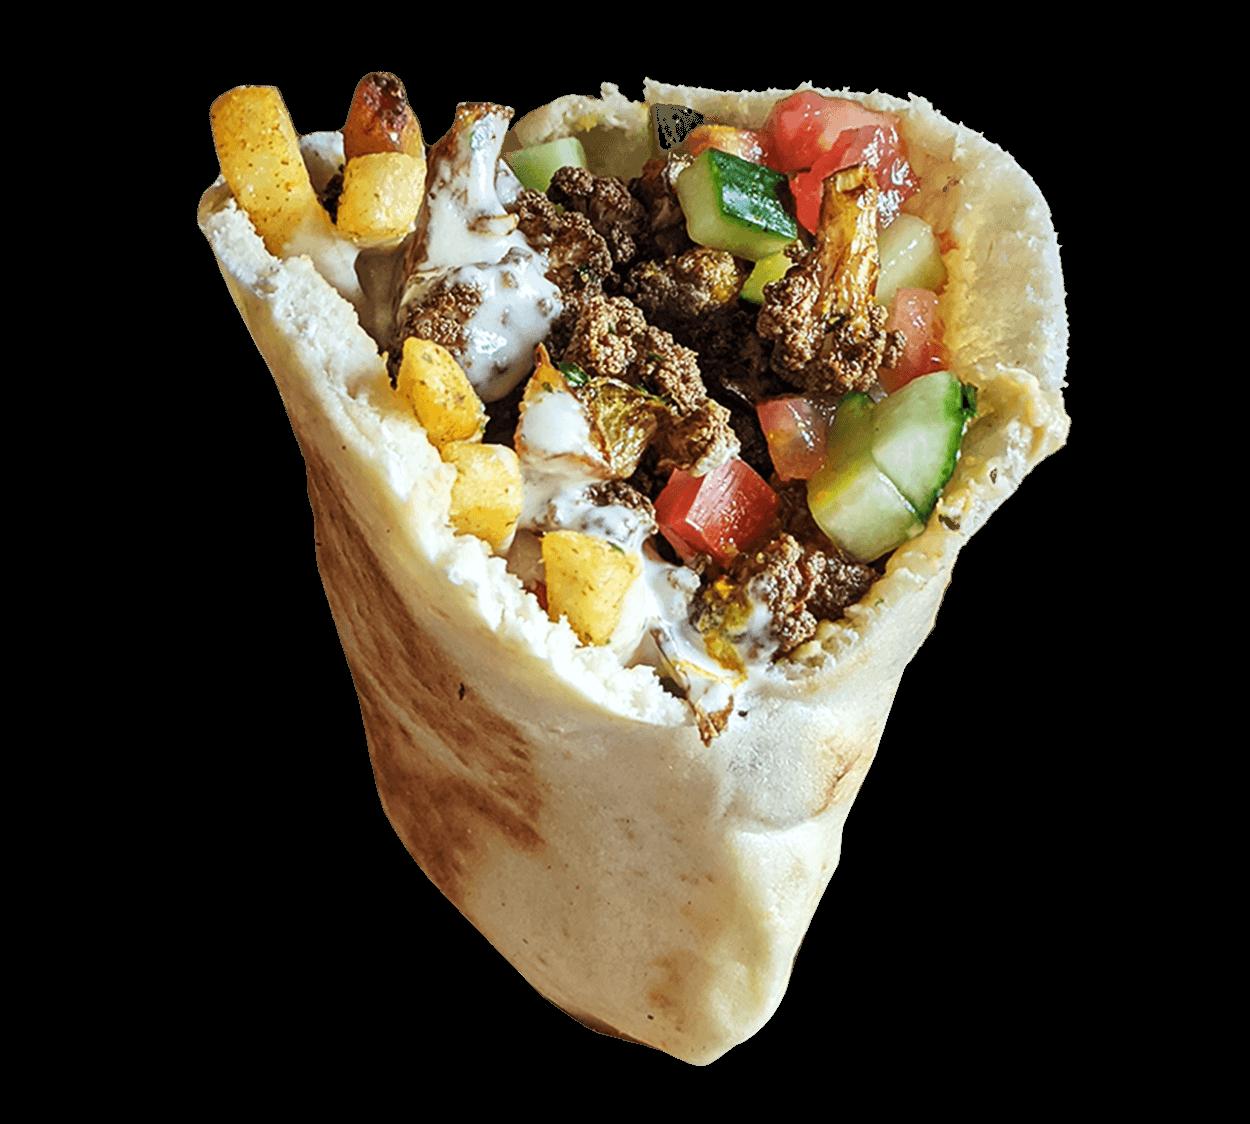 Vegan Shawarma In Pita